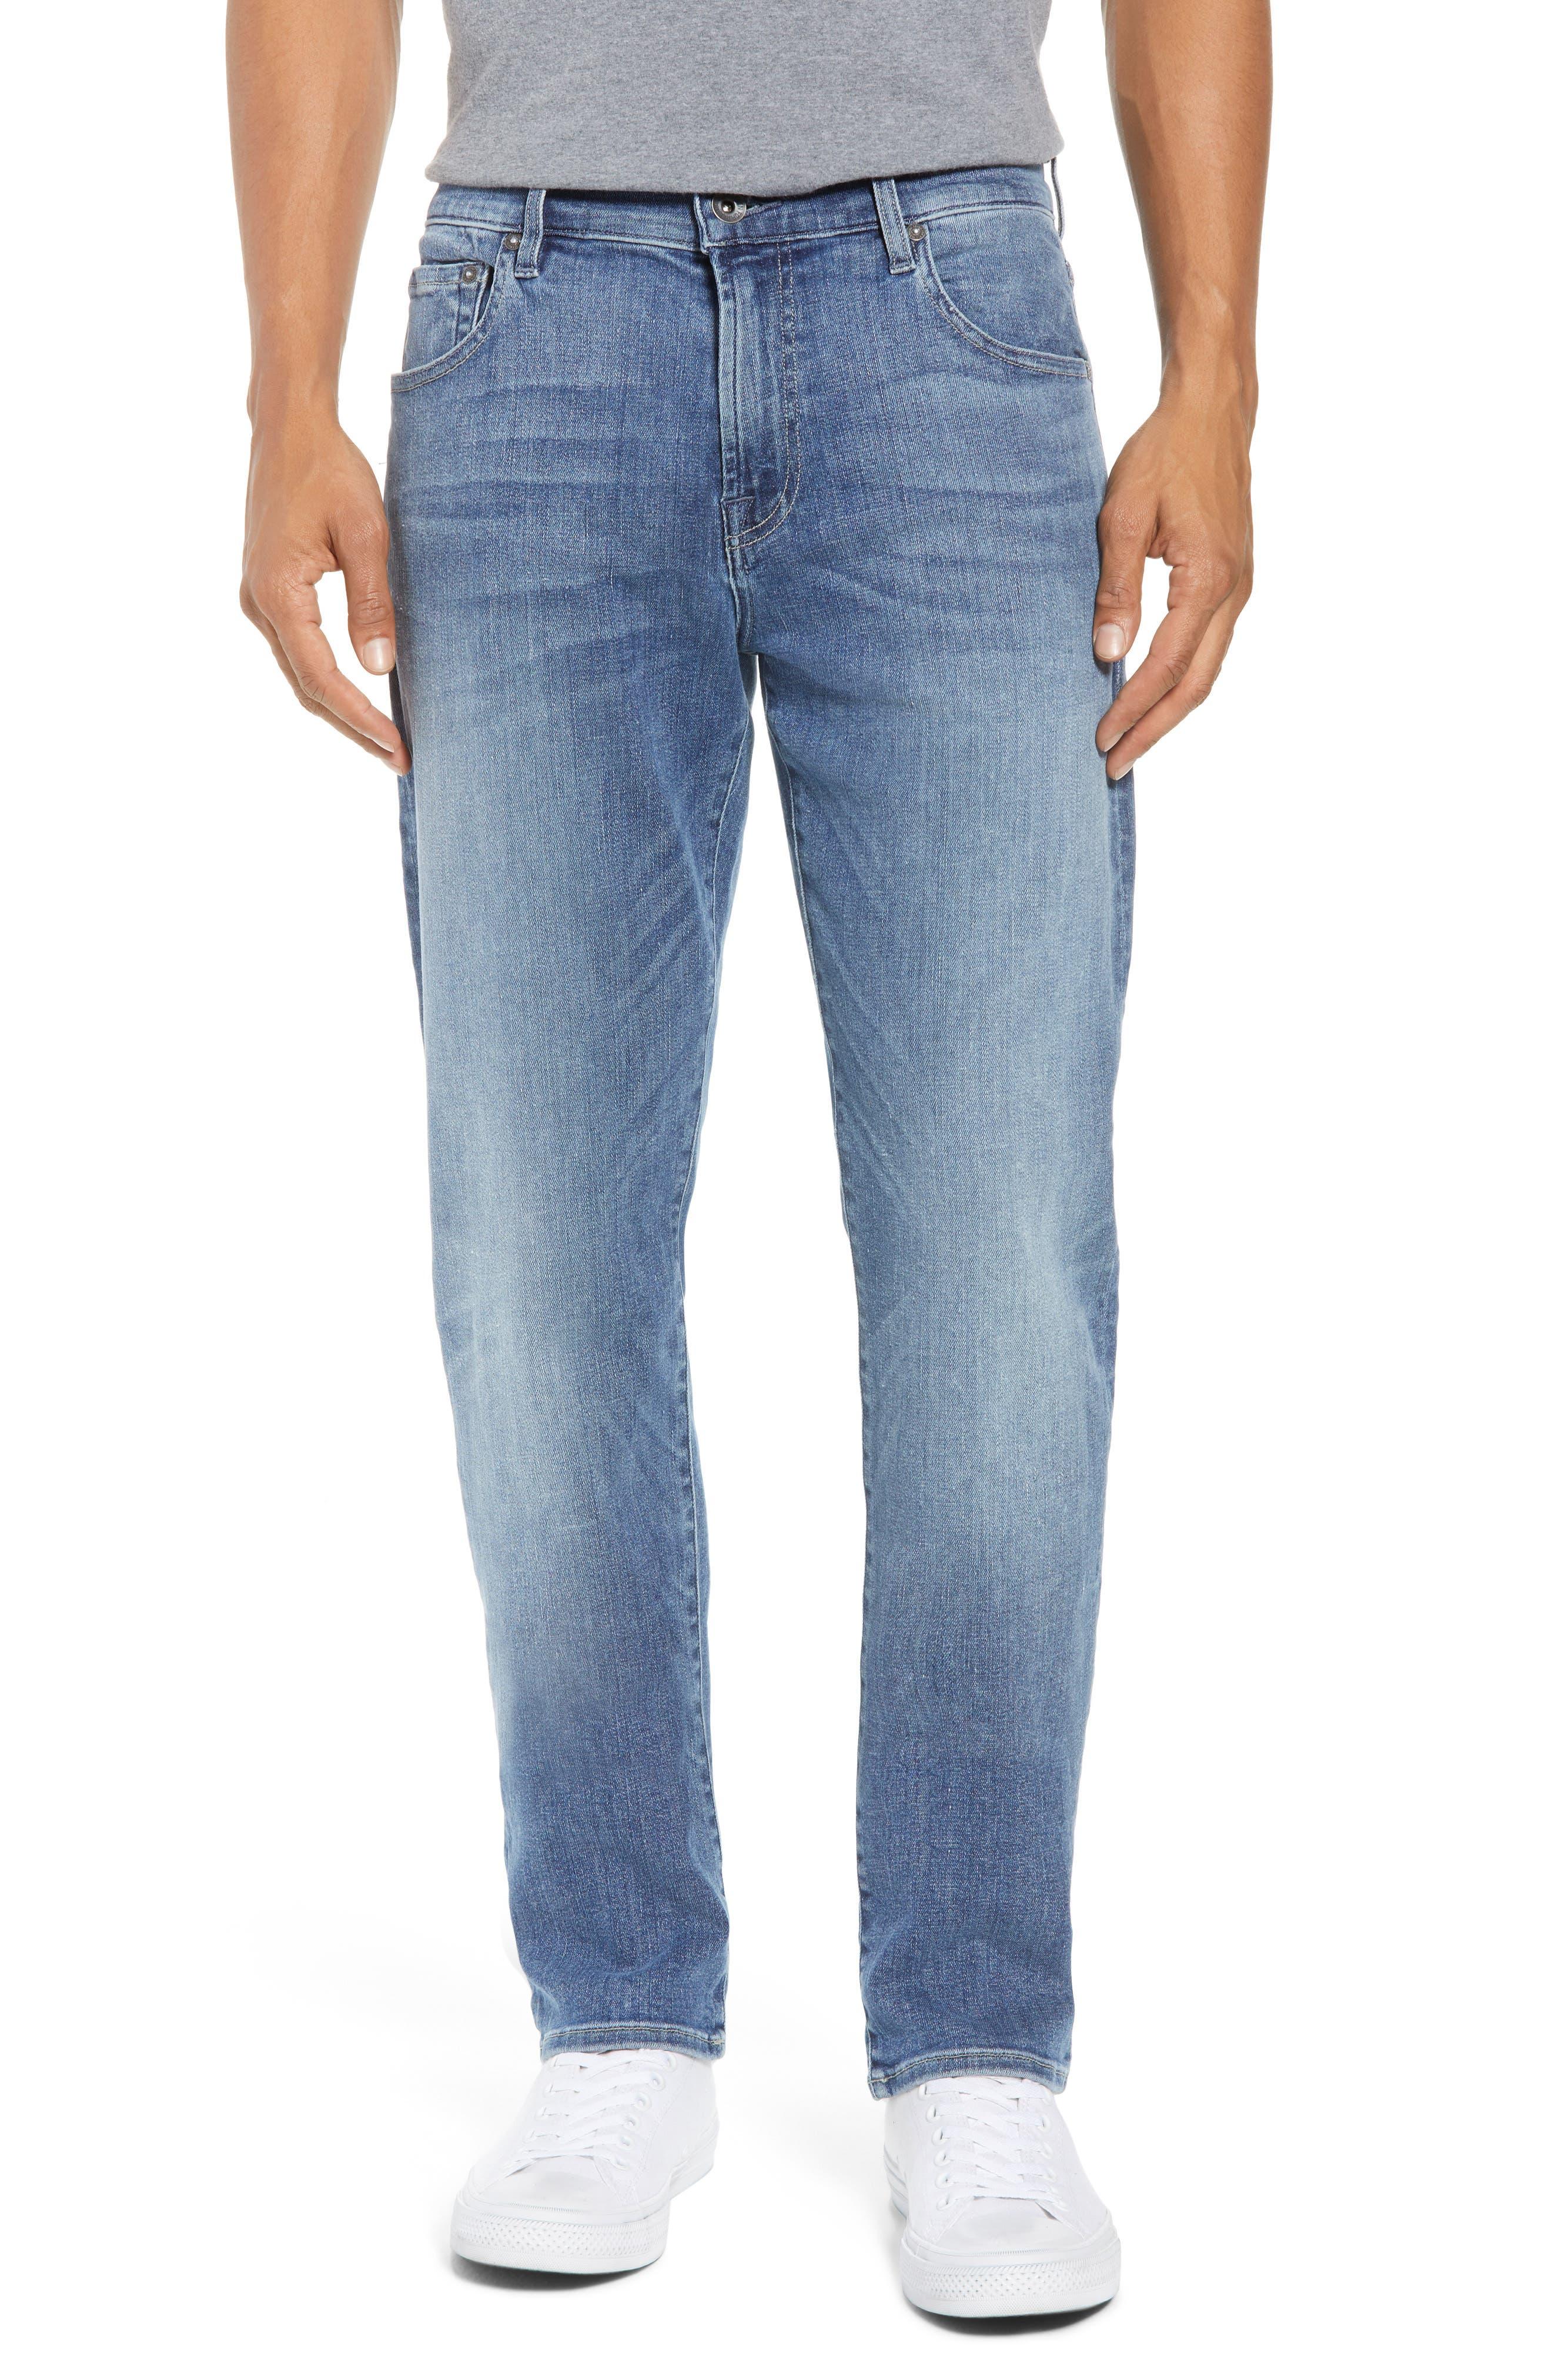 Adrien Slim Fit Jeans,                         Main,                         color, Vortex